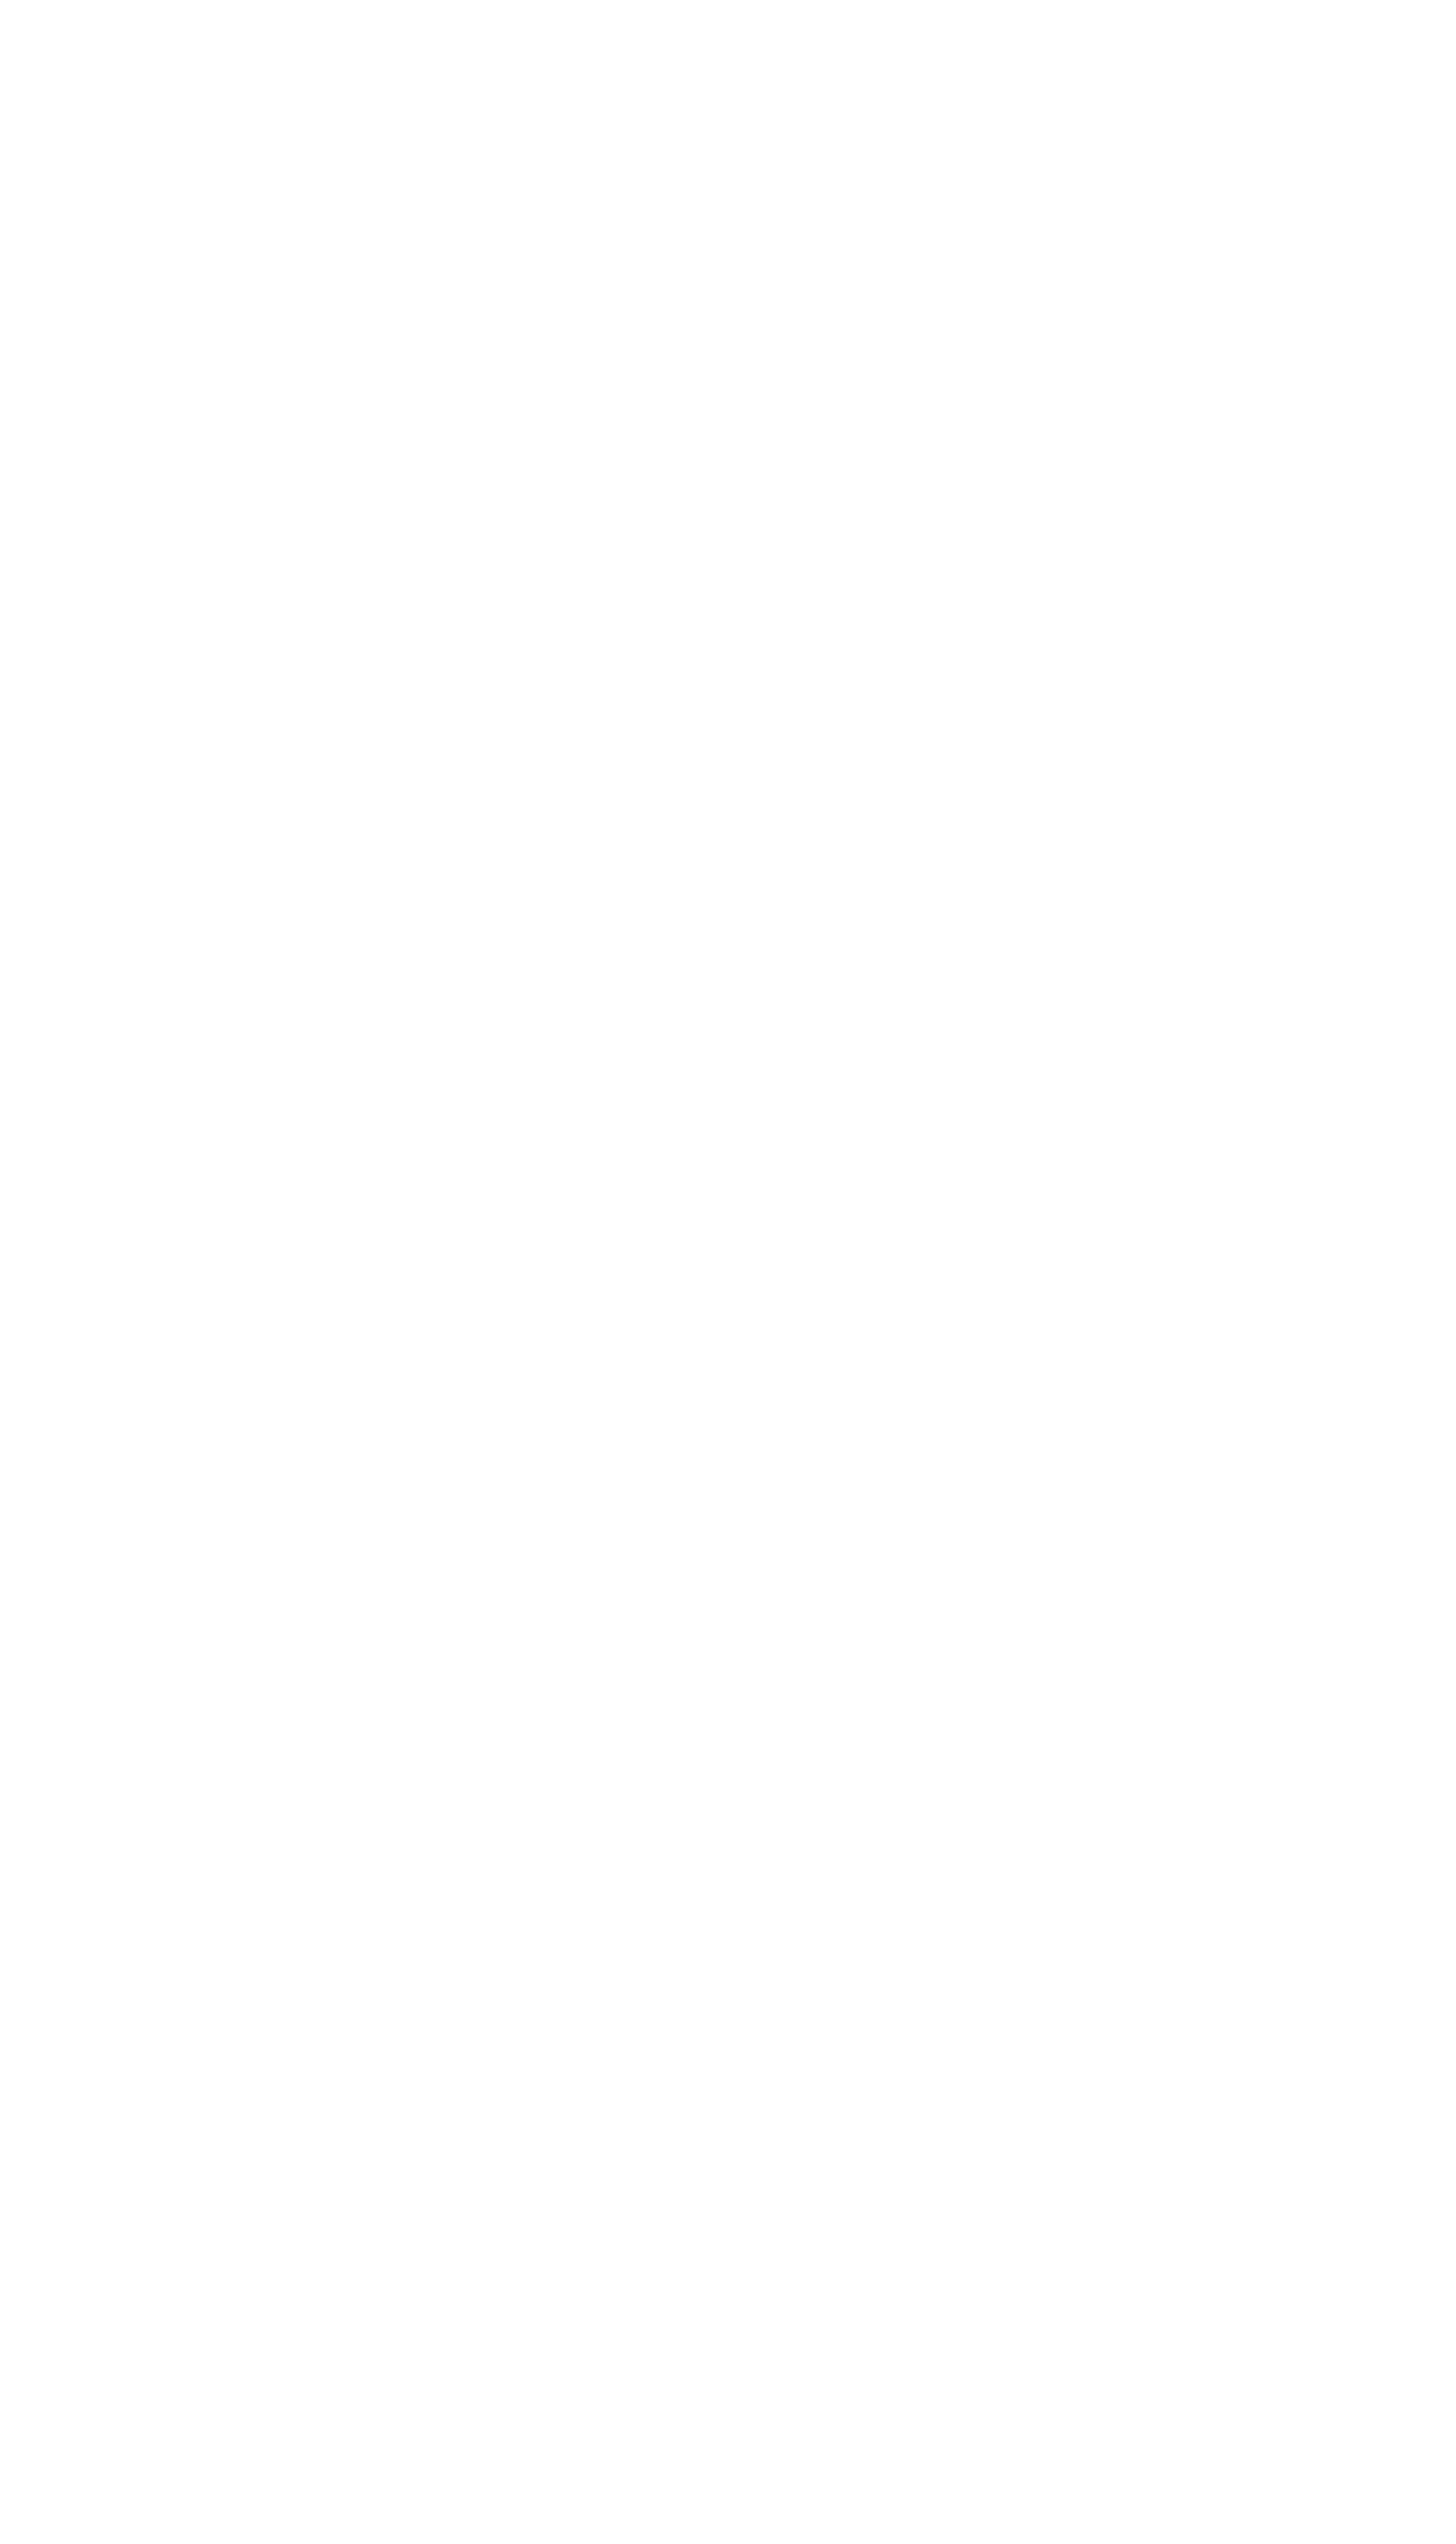 img_e7442